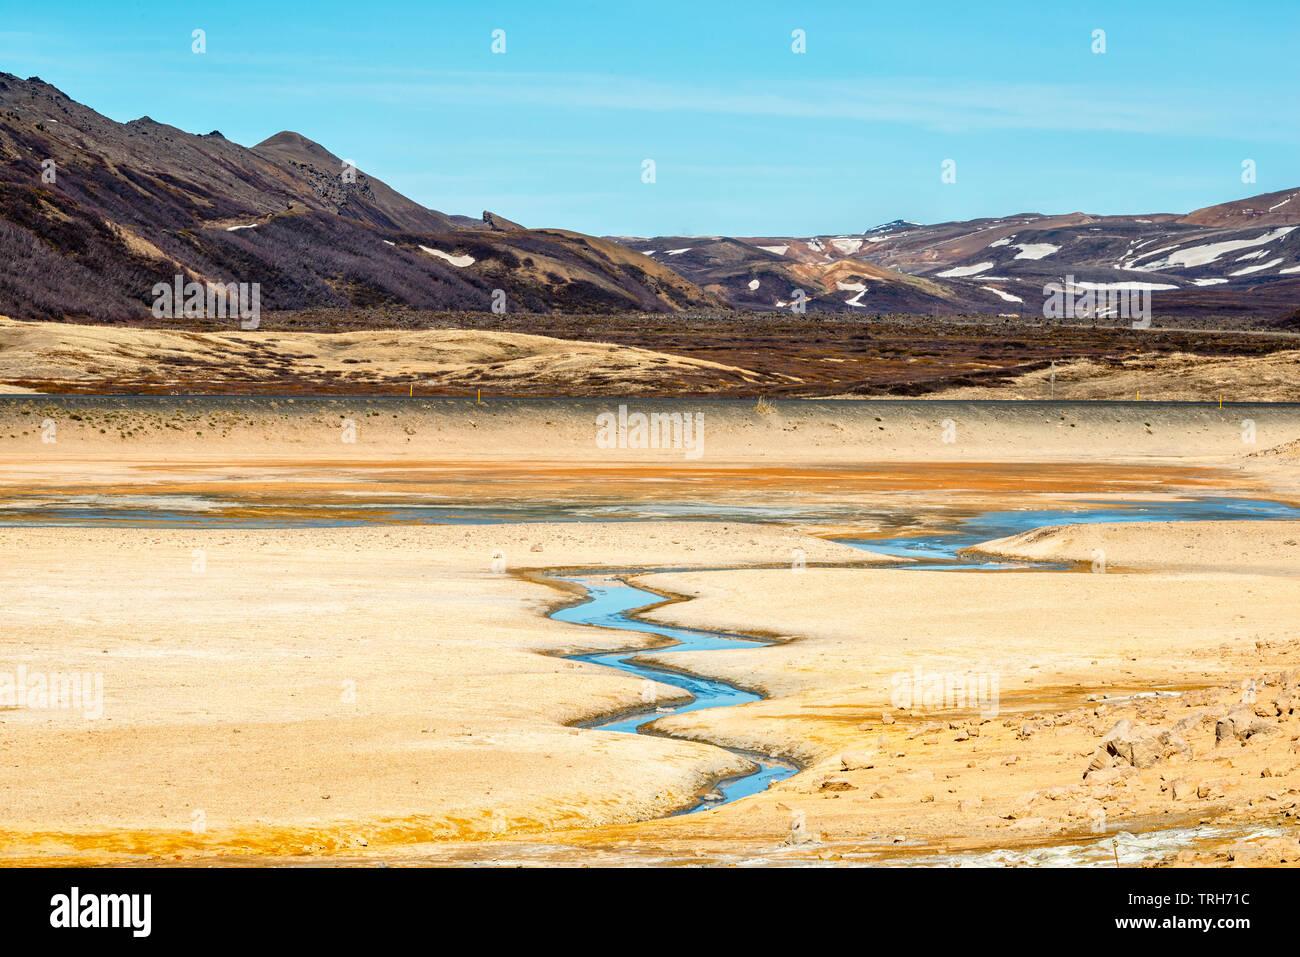 Brightlly farbige Landschaft in den hochaktiven geothermalen Gebiet am Námafjall (hverir), in der Nähe von Mývatn in North-east Iceland Stockbild